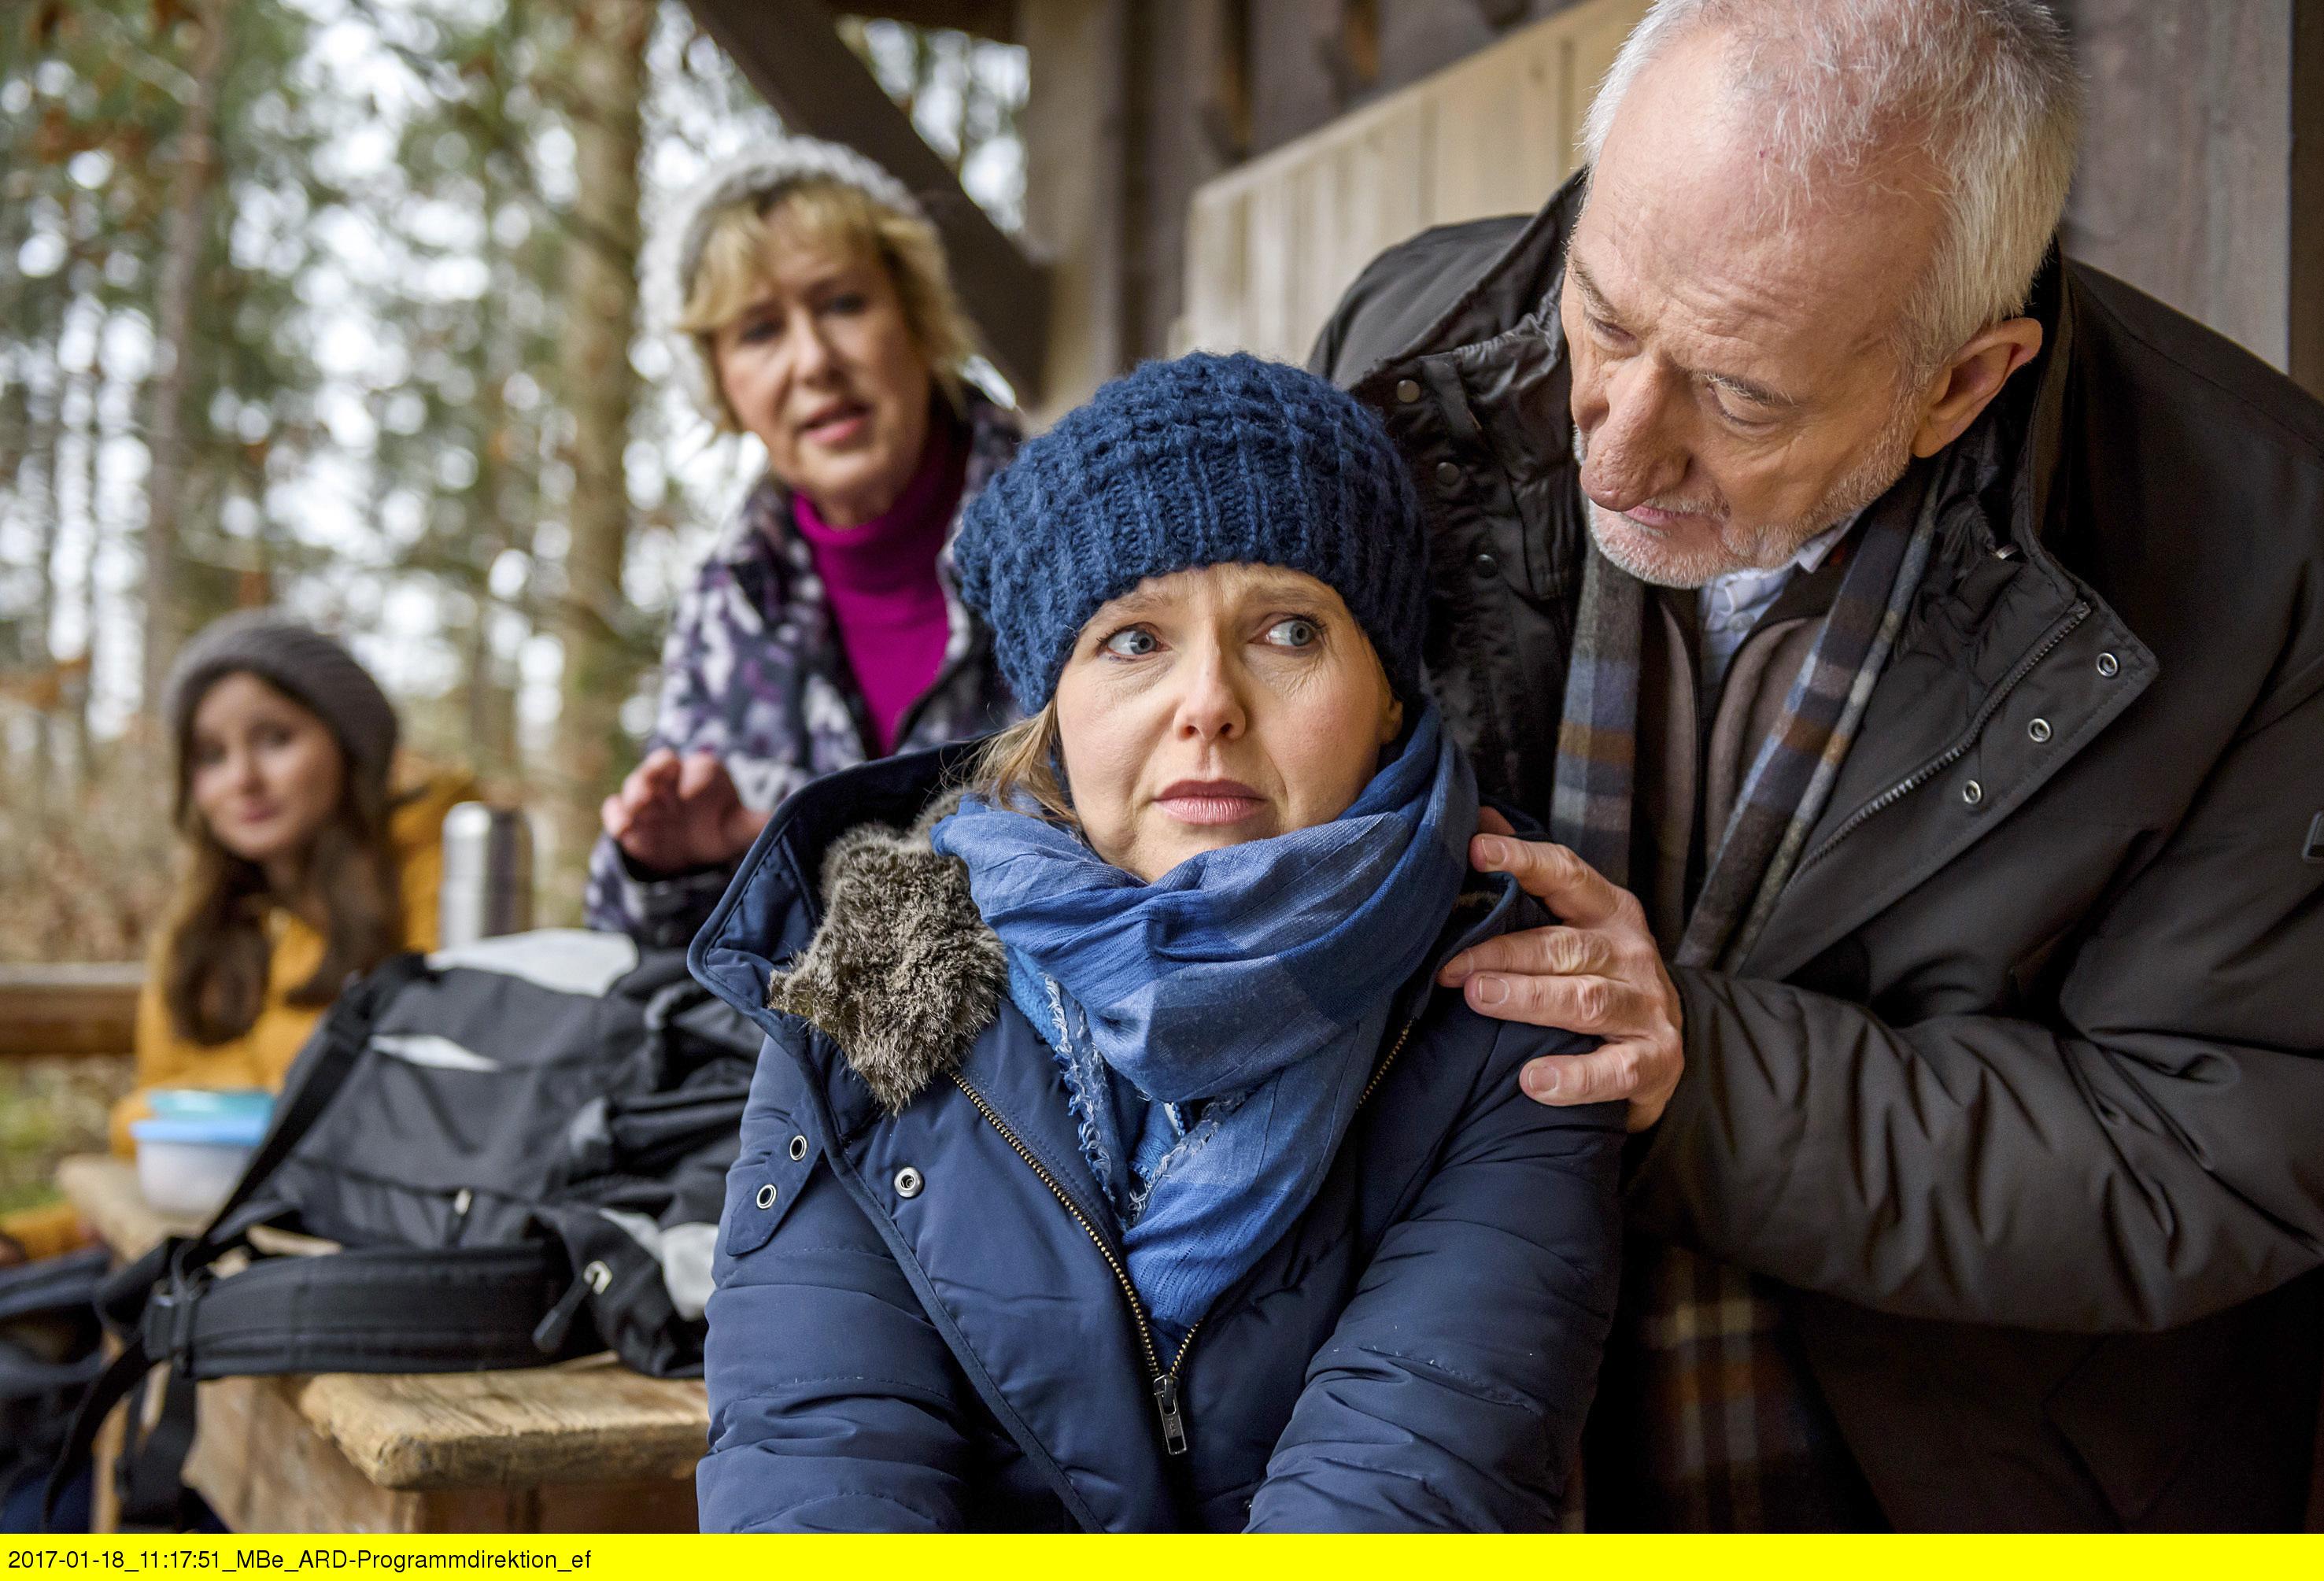 ARD STURM DER LIEBE FOLGE 2642, am Dienstag (07.03.17) um 15:10 Uhr im ERSTEN. Clara (Jeannine Wacker, l.) beobachtet, wie vertraut Gerti (Beatrice Richter, hinten r.) und Alfons (Sepp Schauer, vorne r.) sich um Melli (Bojana Golenac, vorne l.) kümmern. (Quelle: ARD/Christof Arnold)